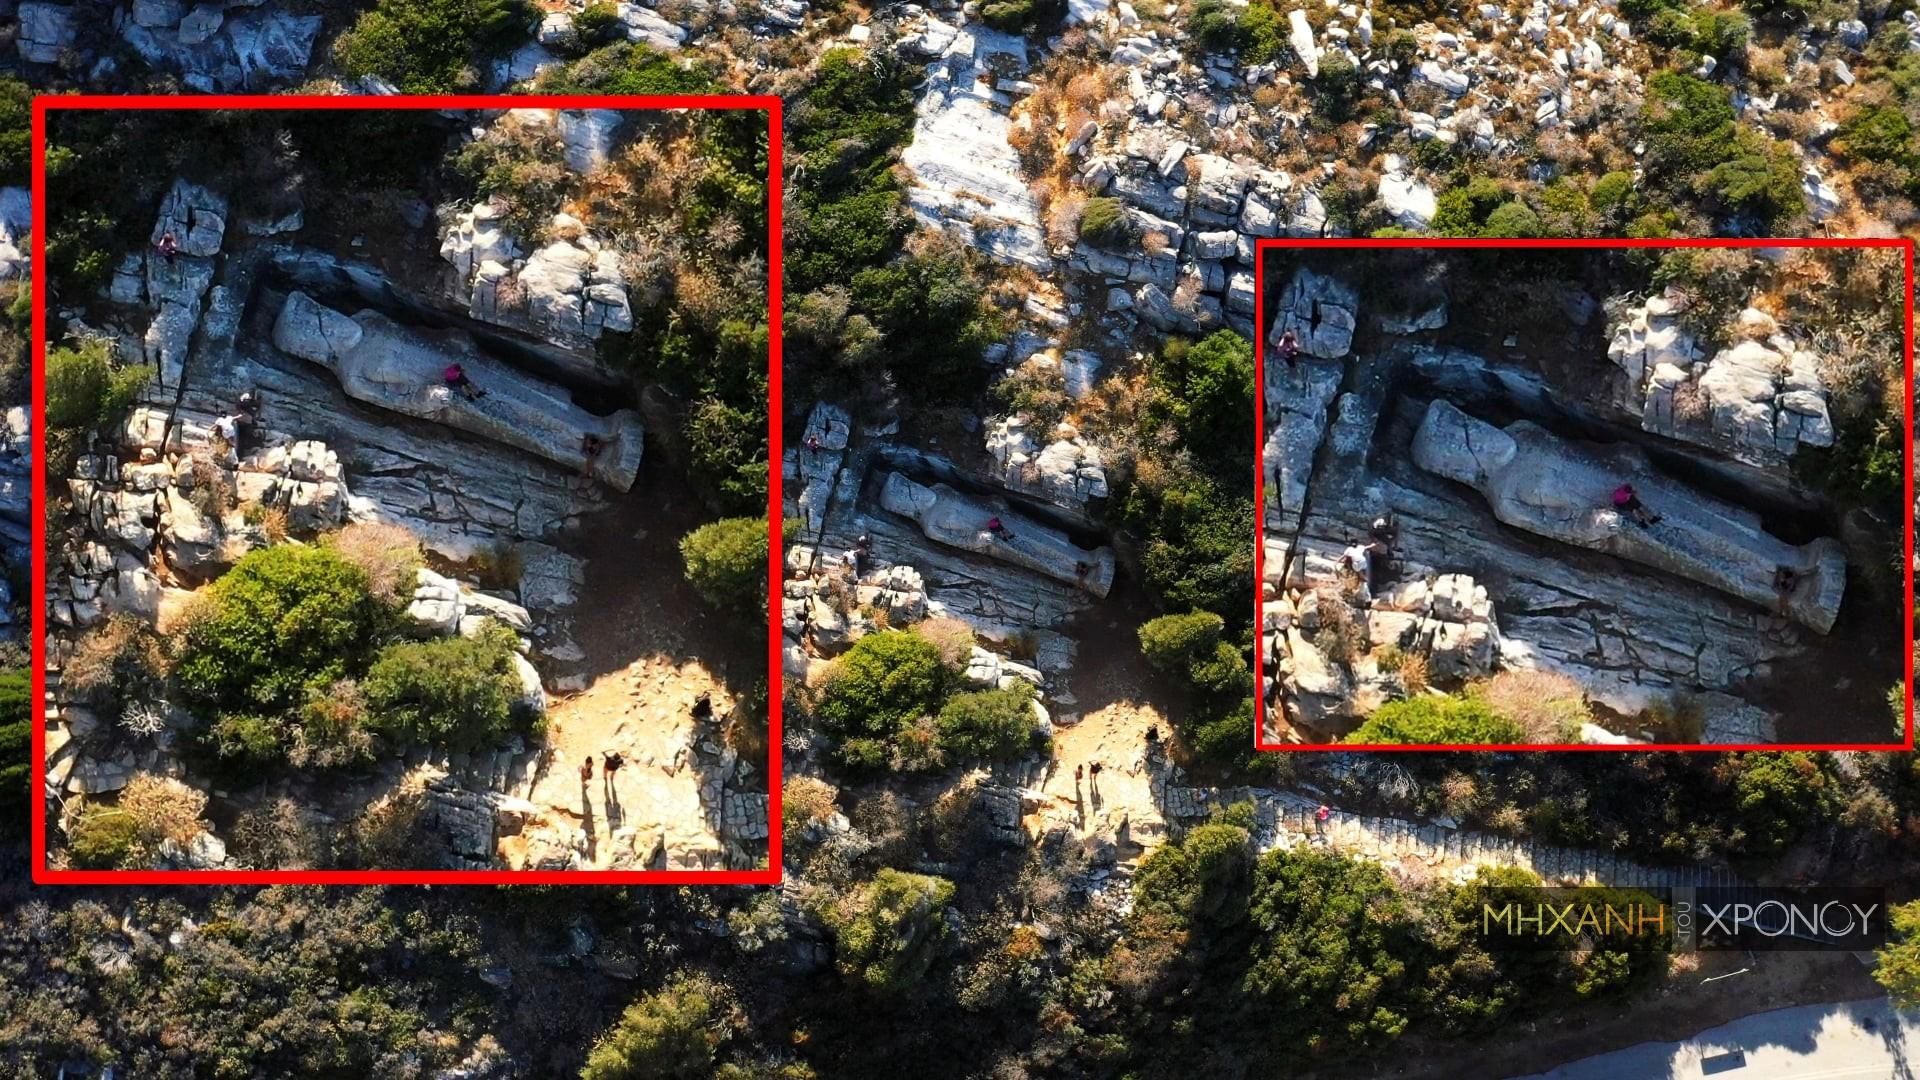 Ο «Κούρος του Απόλλωνα» στη Νάξο που οι τουρίστες ποδοπατούν για μια φωτογραφία. Το μυστηριώδες αρχαίο άγαλμα μήκους 10,7 μέτρων είναι λαξεμένο πάνω στον βράχο